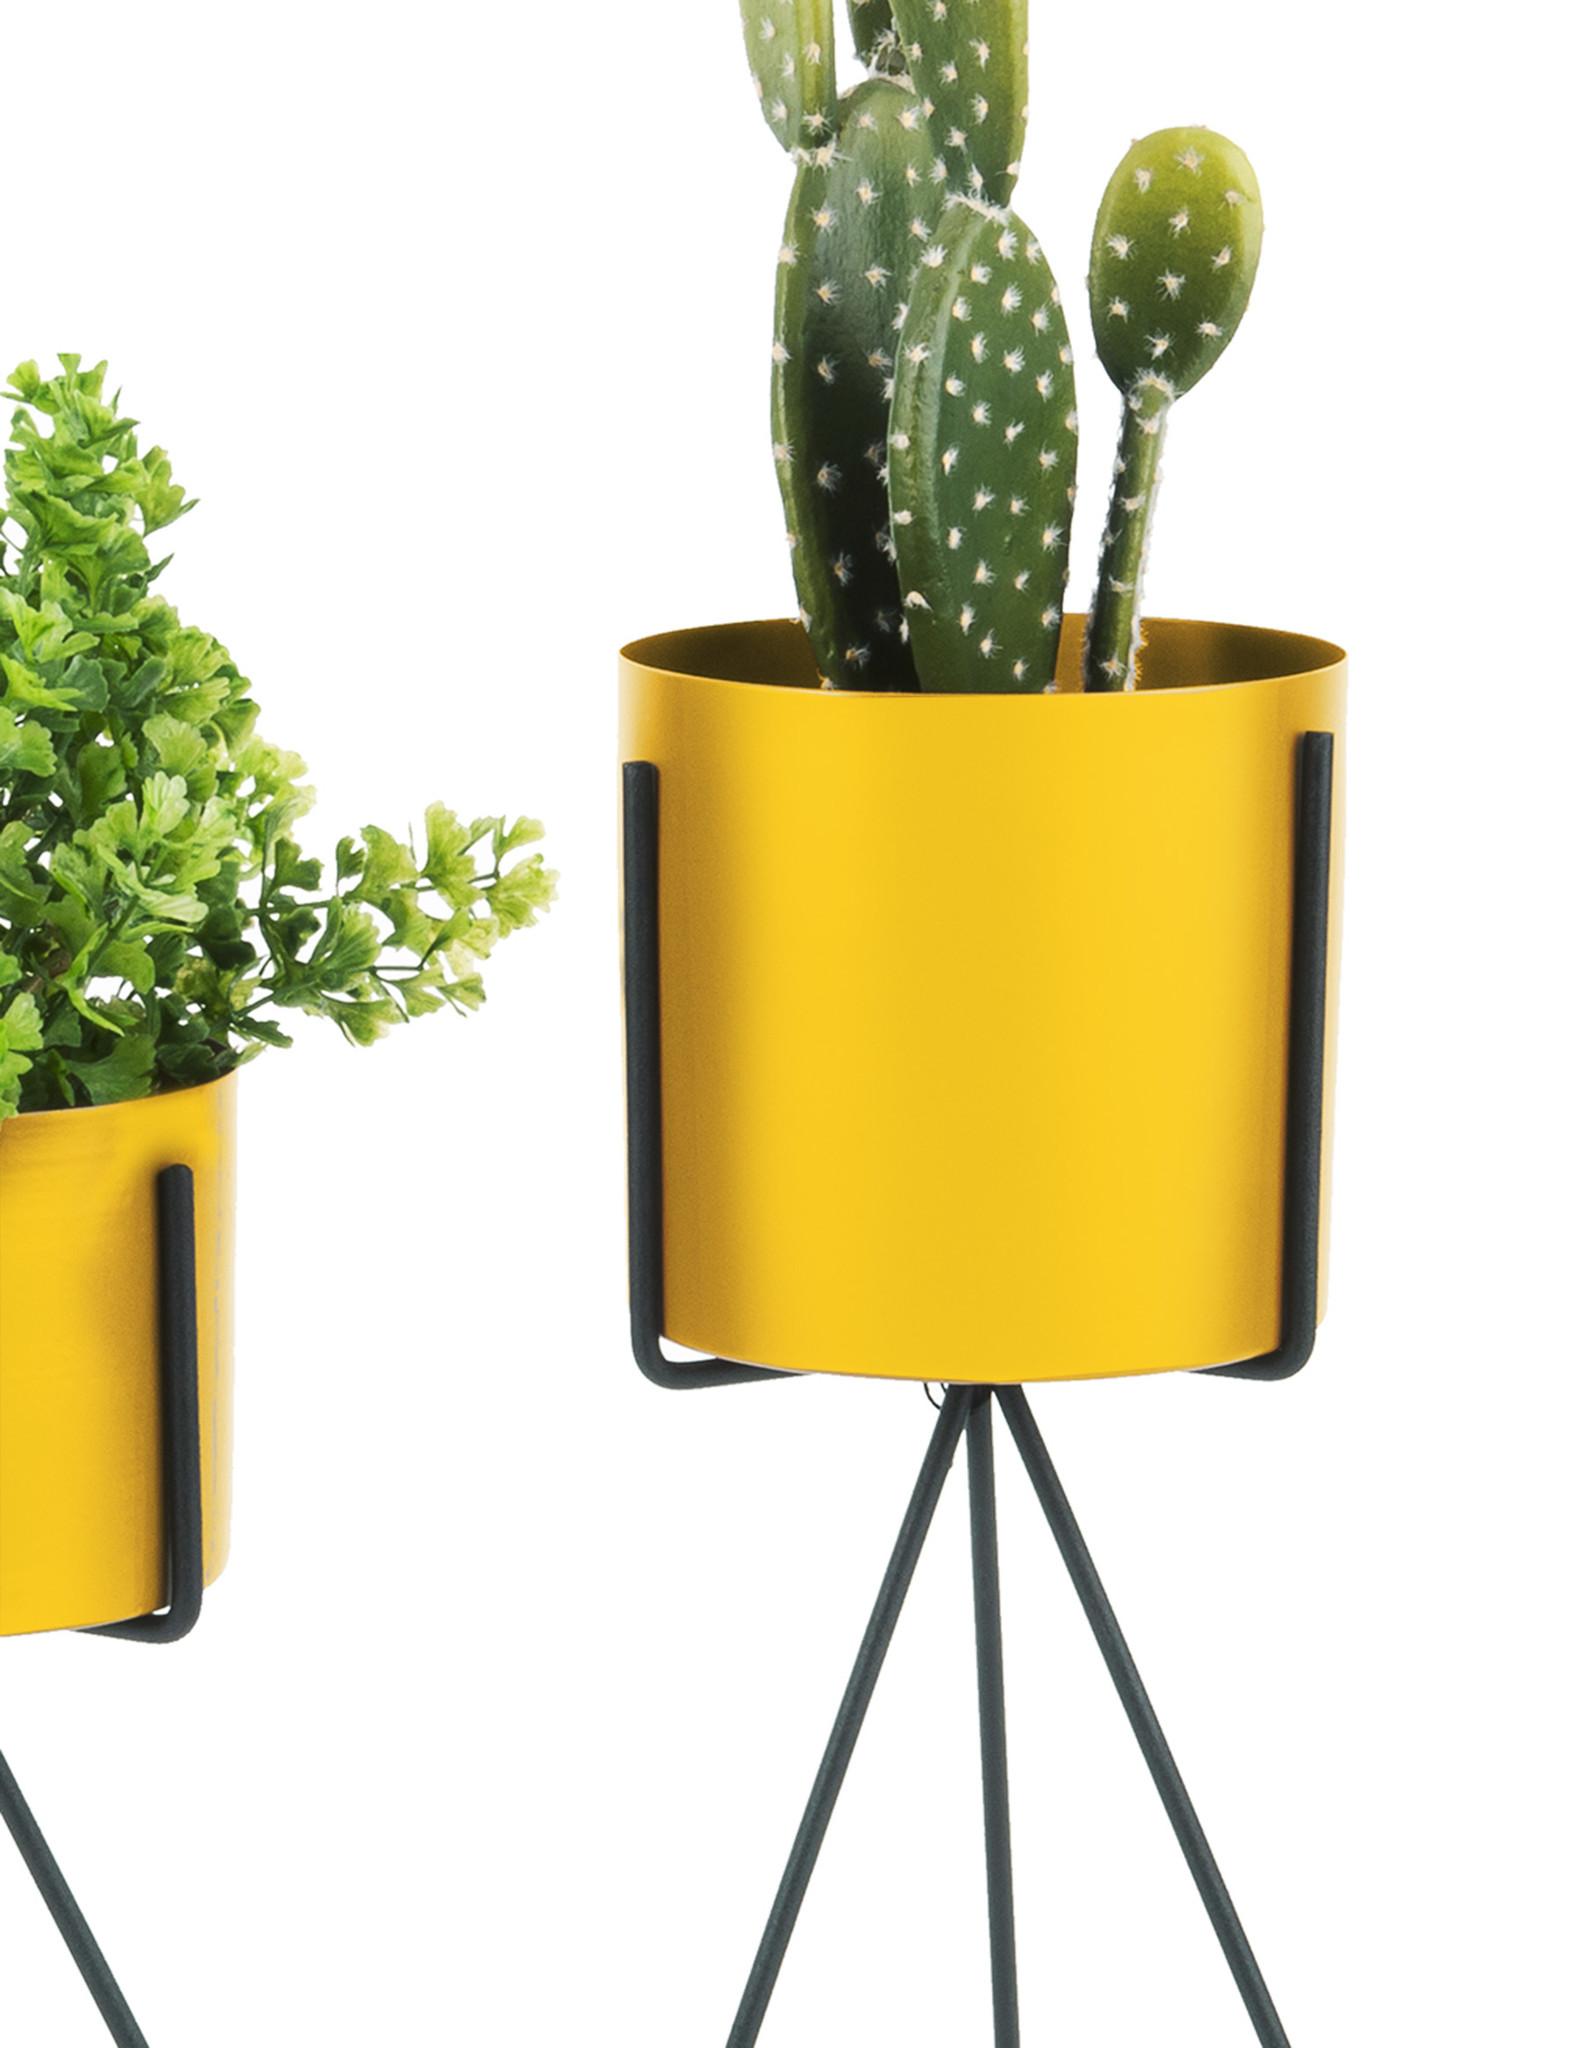 Set van 2 gele plantenstaanders - Present Time